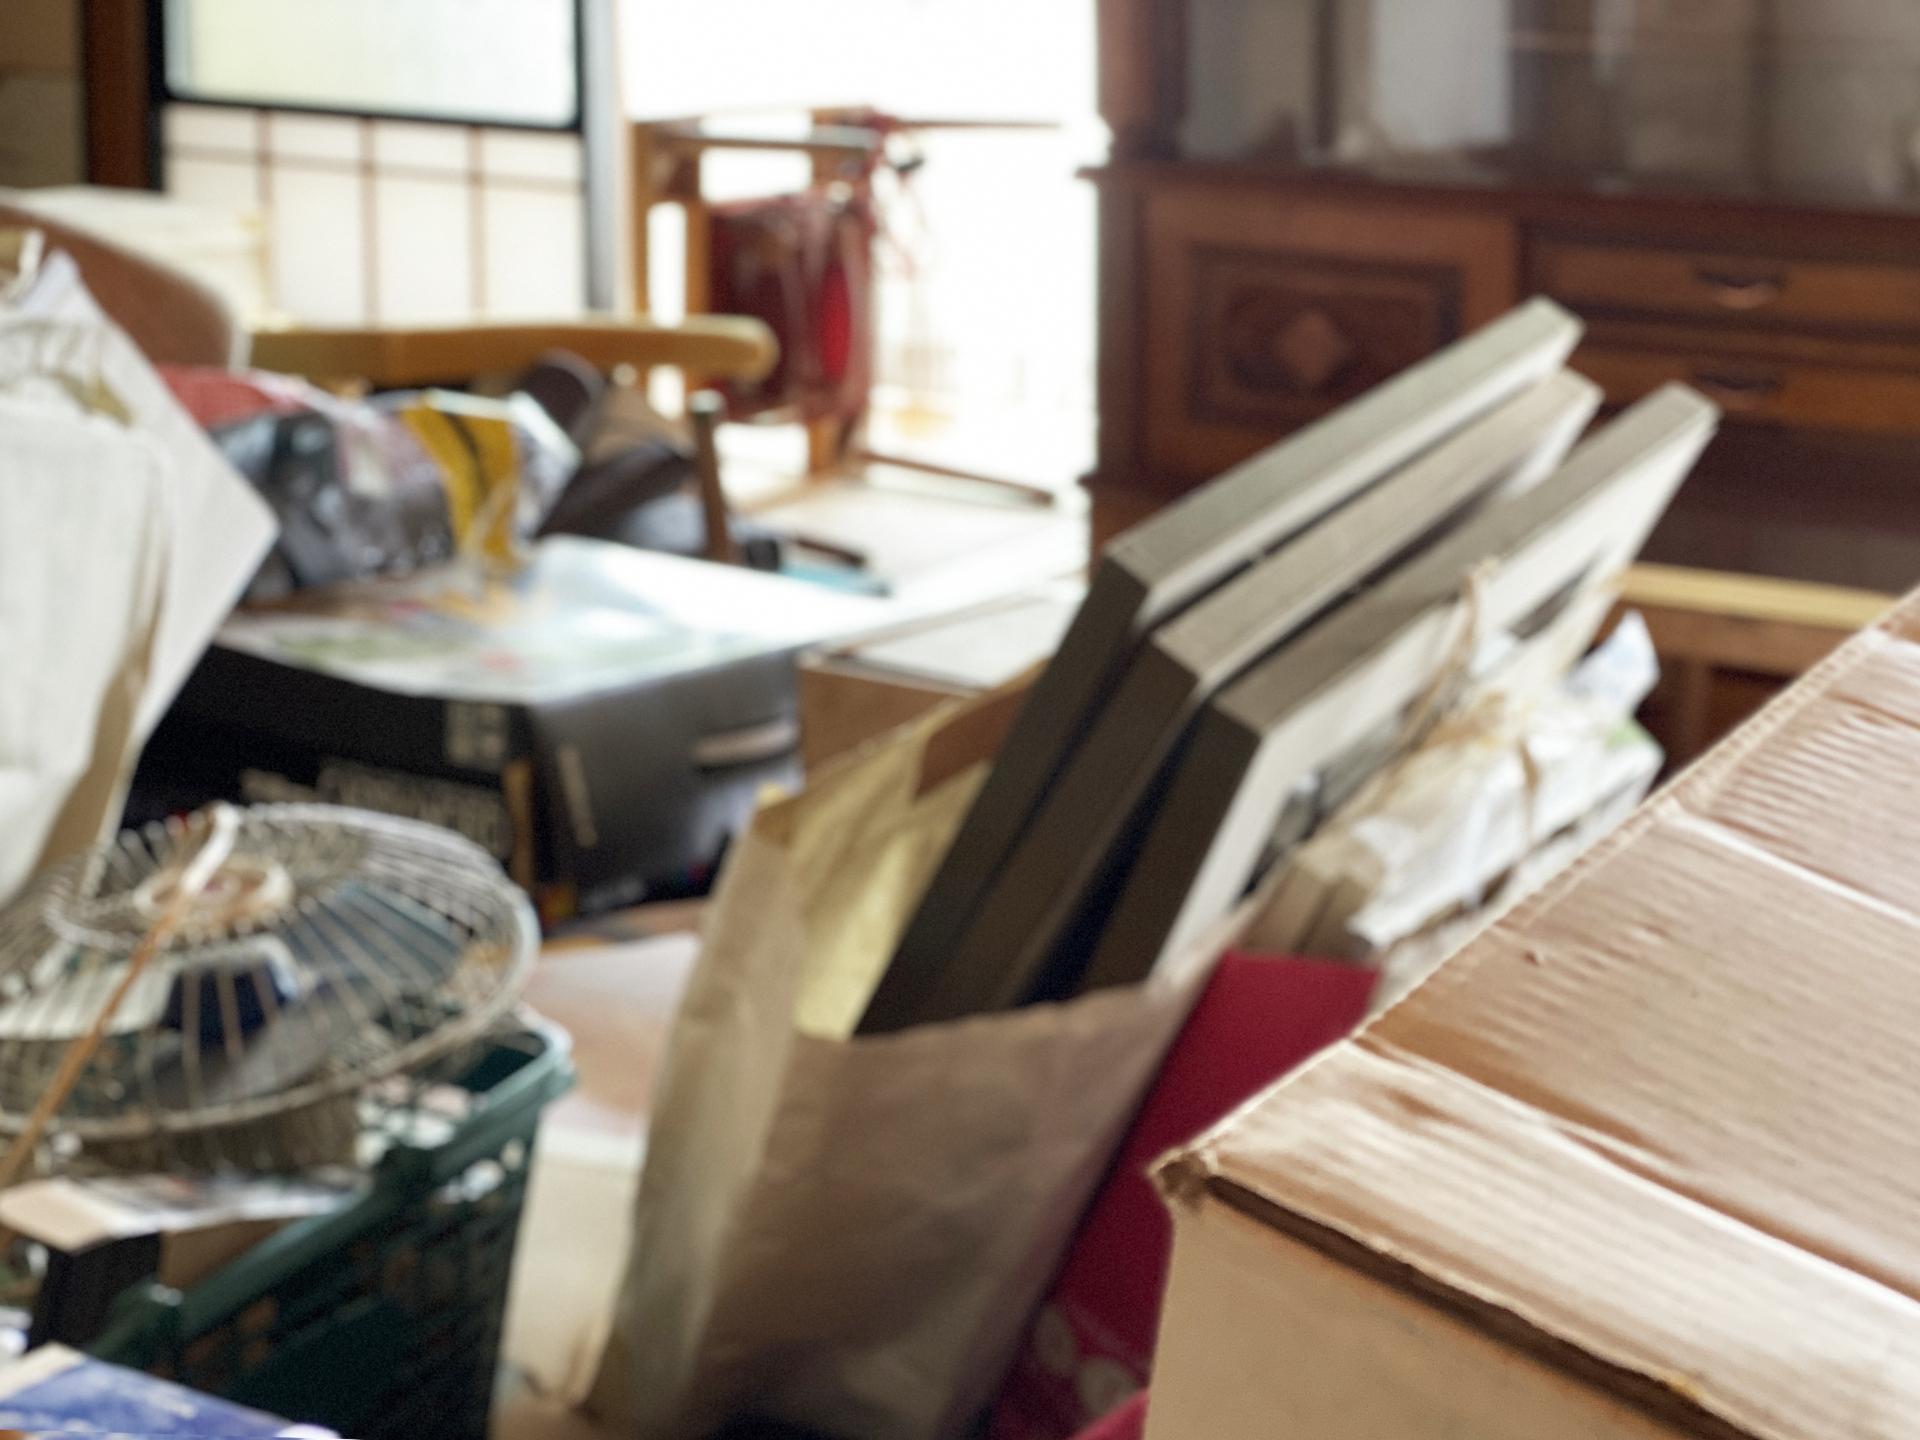 【親の家がゴミ屋敷】「ためこみ症?」と思ったら 症状と治療法、家族ができる対策を解説